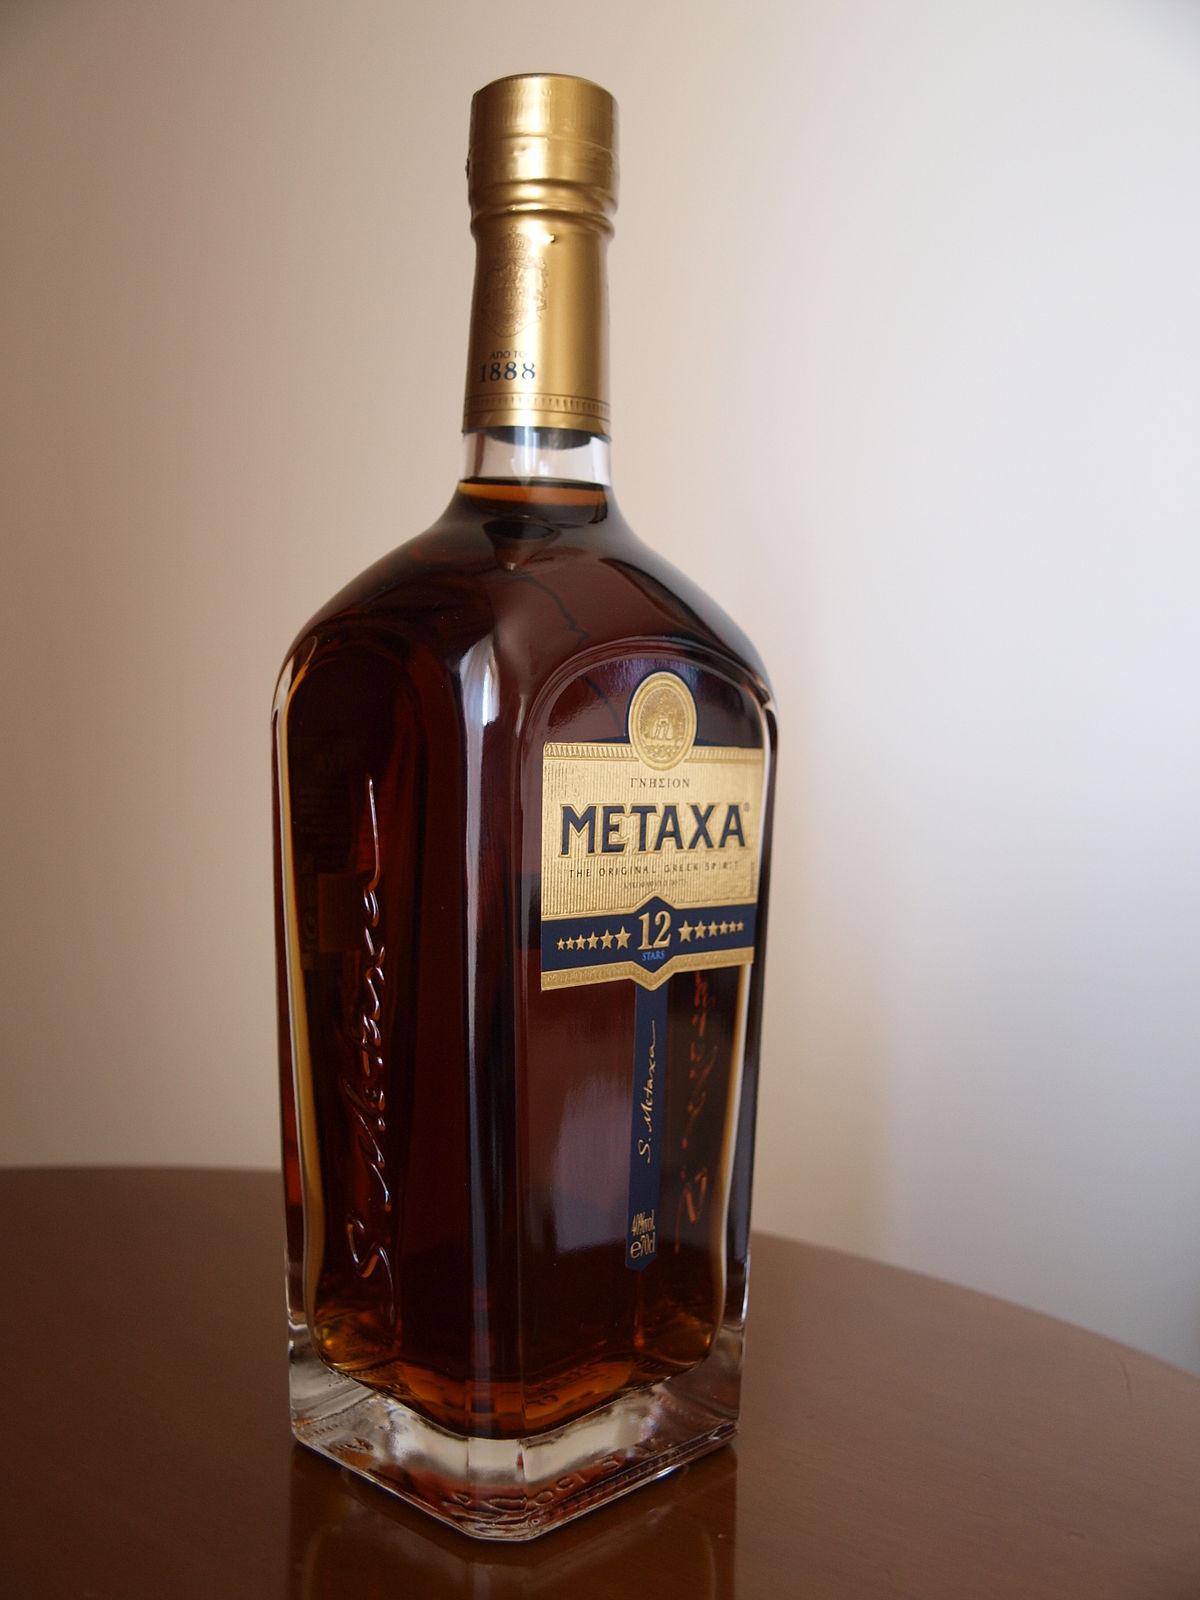 Metaxa 12